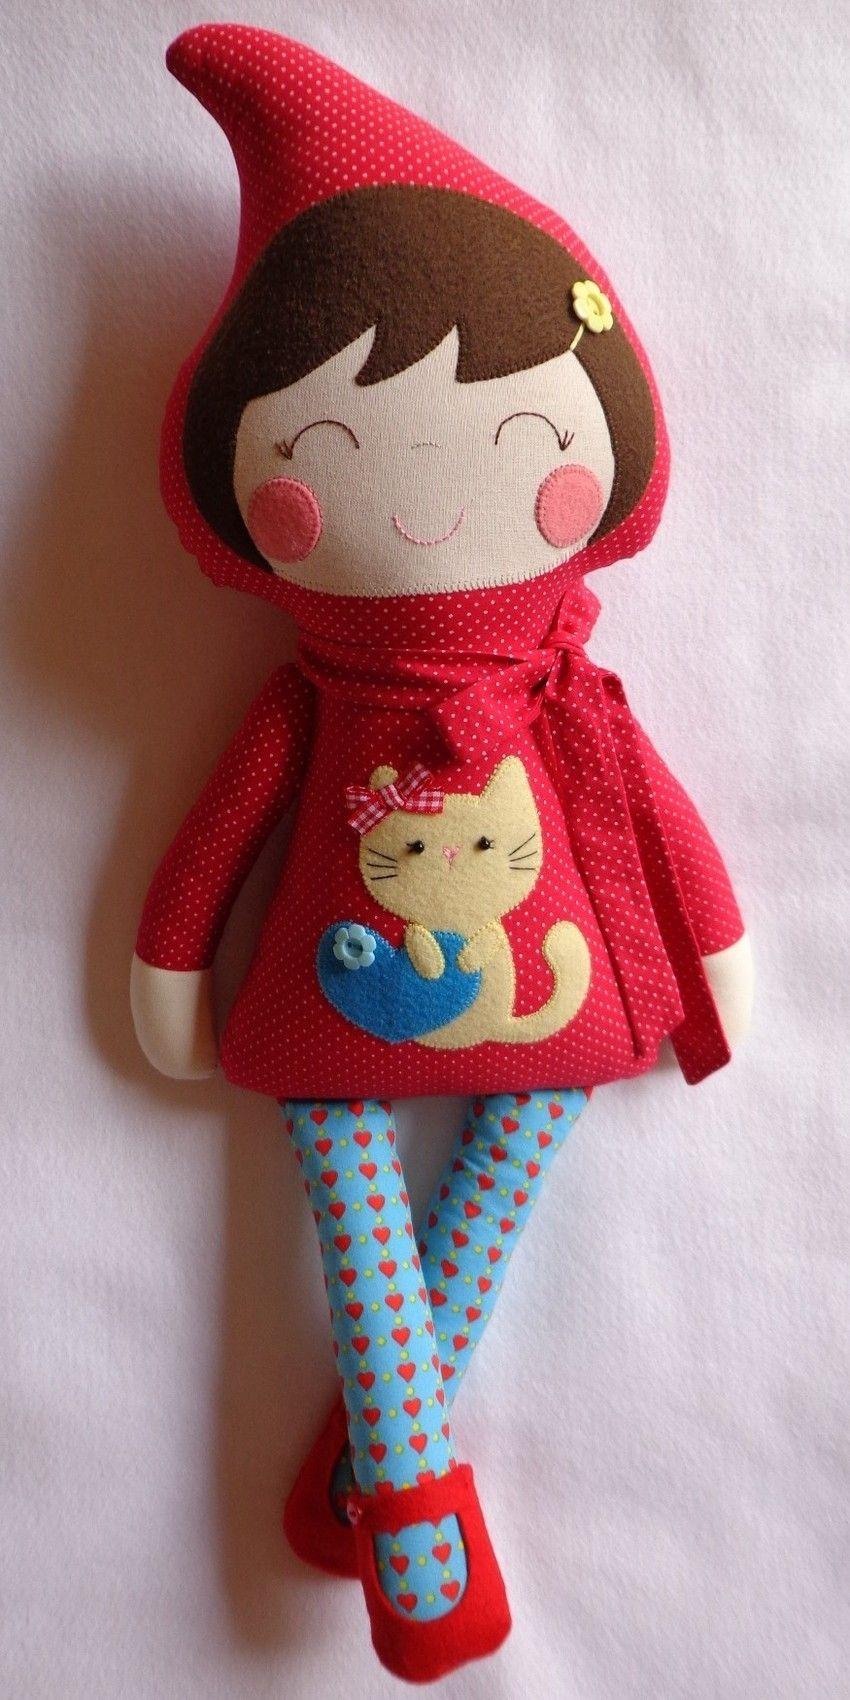 chapeuzinho vermelho, boneca de pano, chapeuzinho de tecido, bonecas artesanais